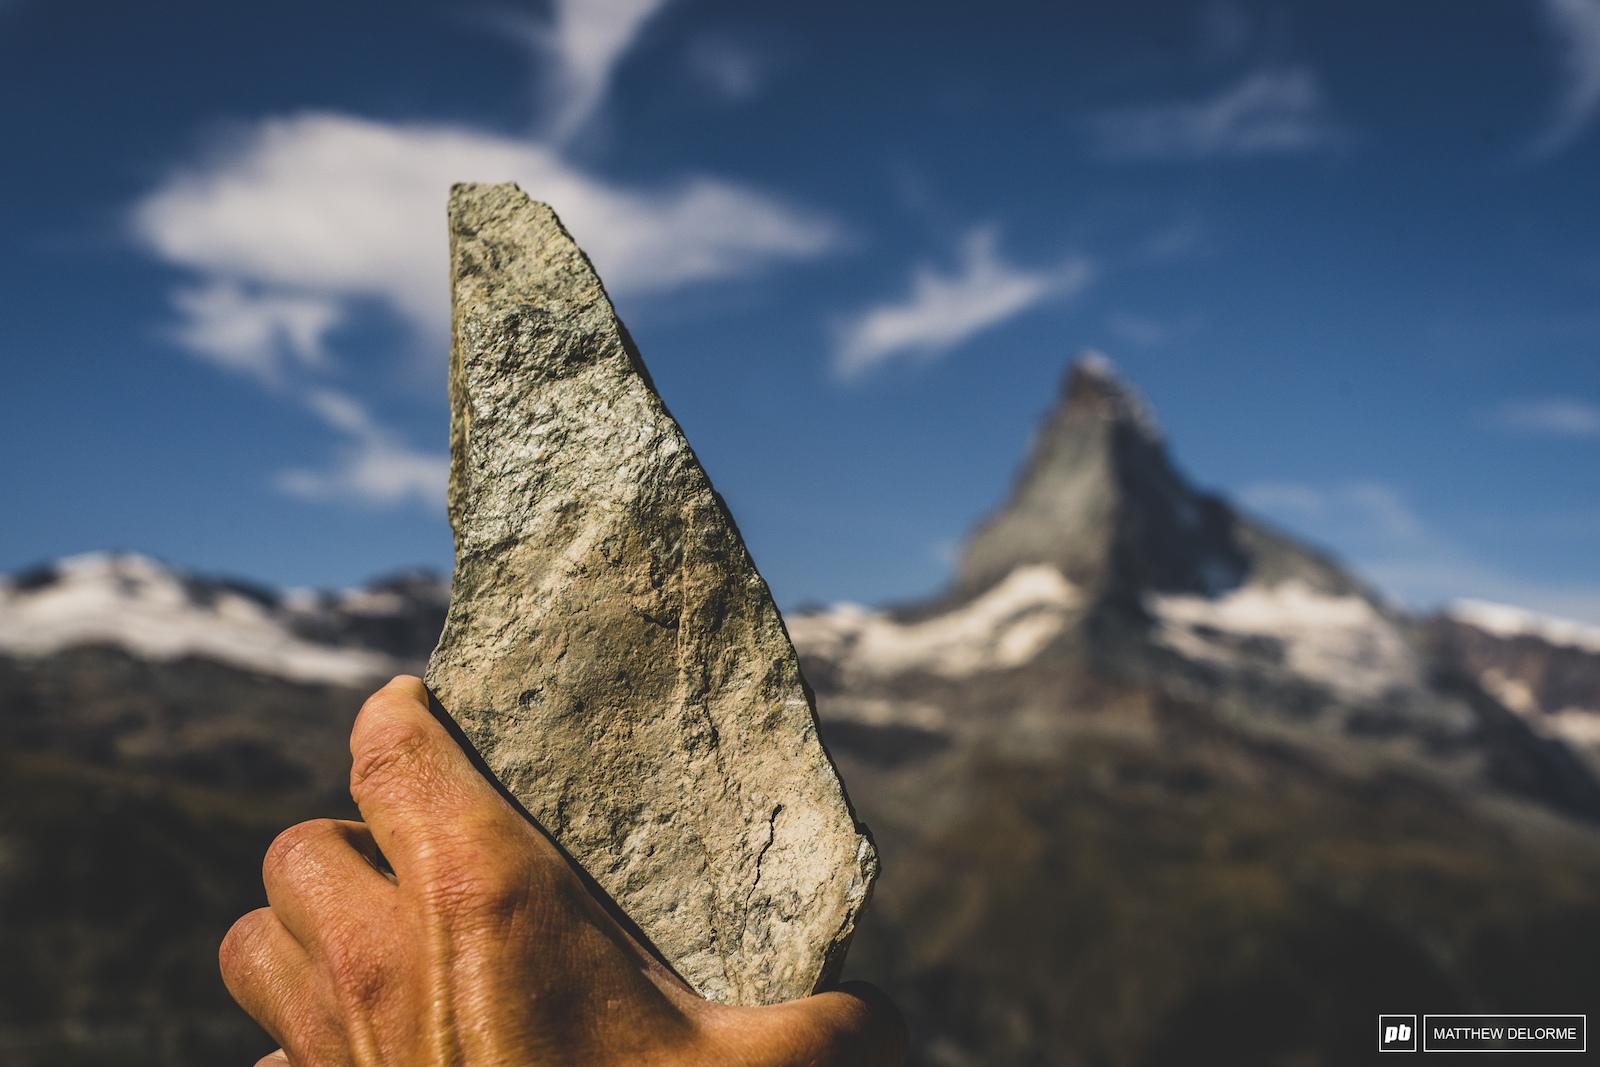 A horn for the Matterhorn.